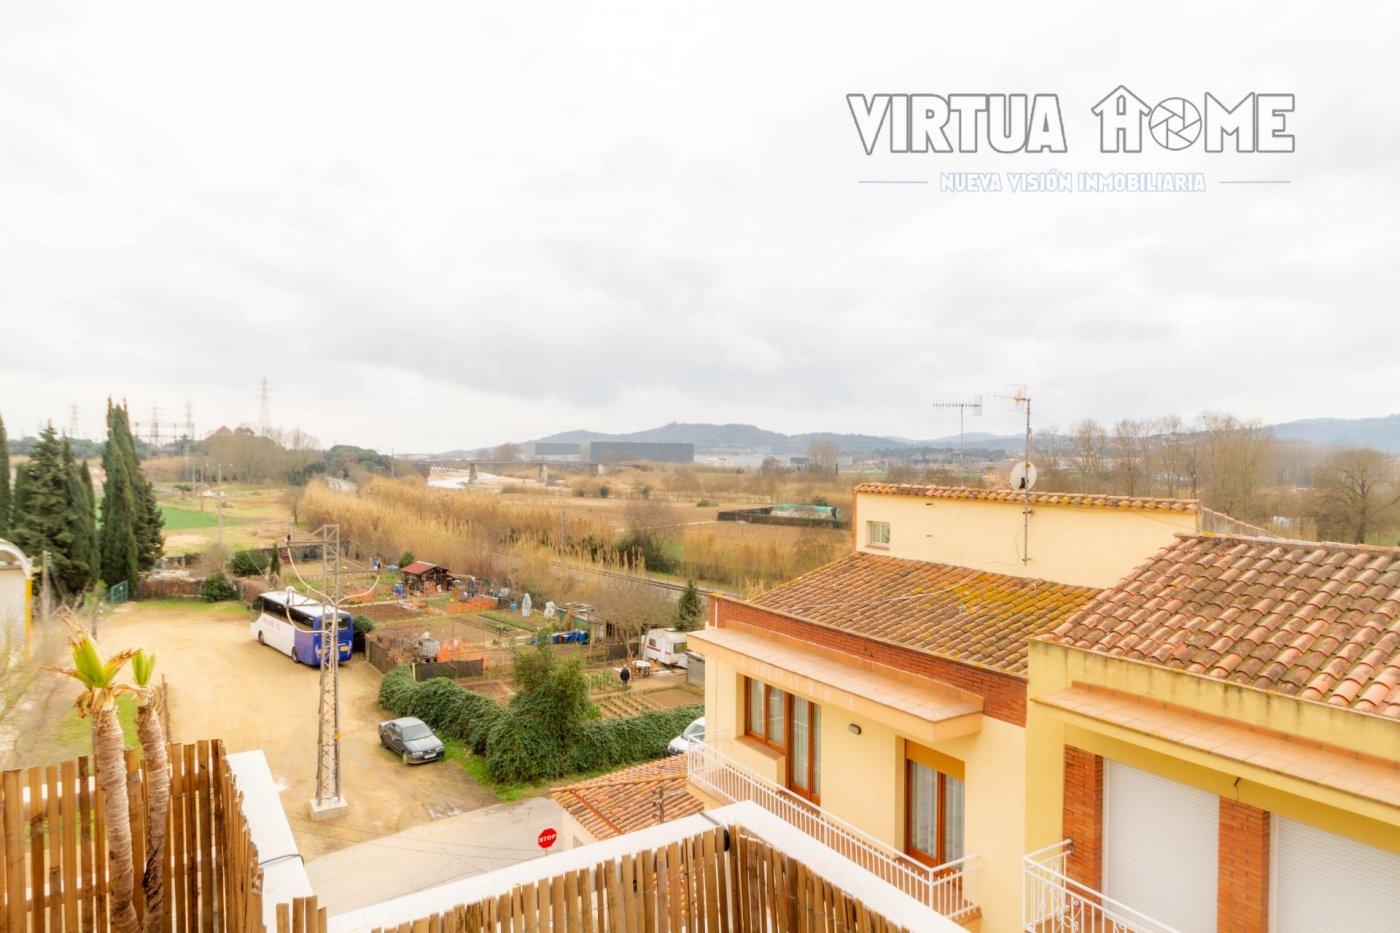 Ático de 3 habitaciones con preciosas vistas a la montaña - imagenInmueble13